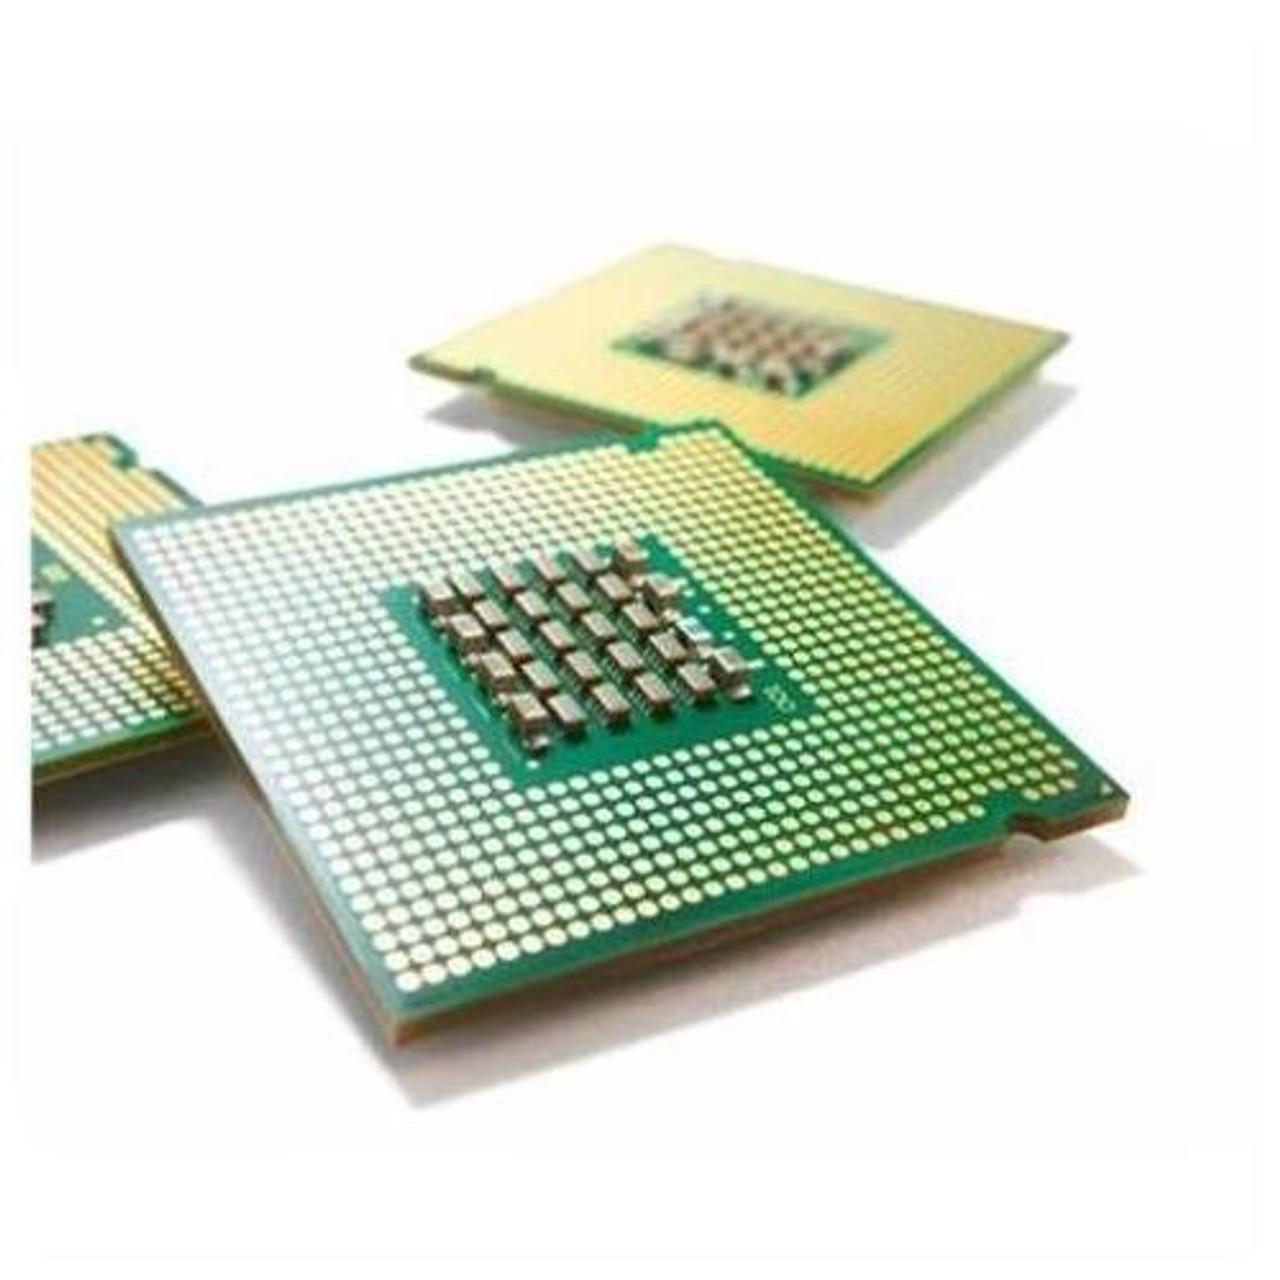 Adx635wfk42gm Amd Athlon Ii X4 635 Quad Core 2 90ghz Socket Am3 Pga 938 Processor